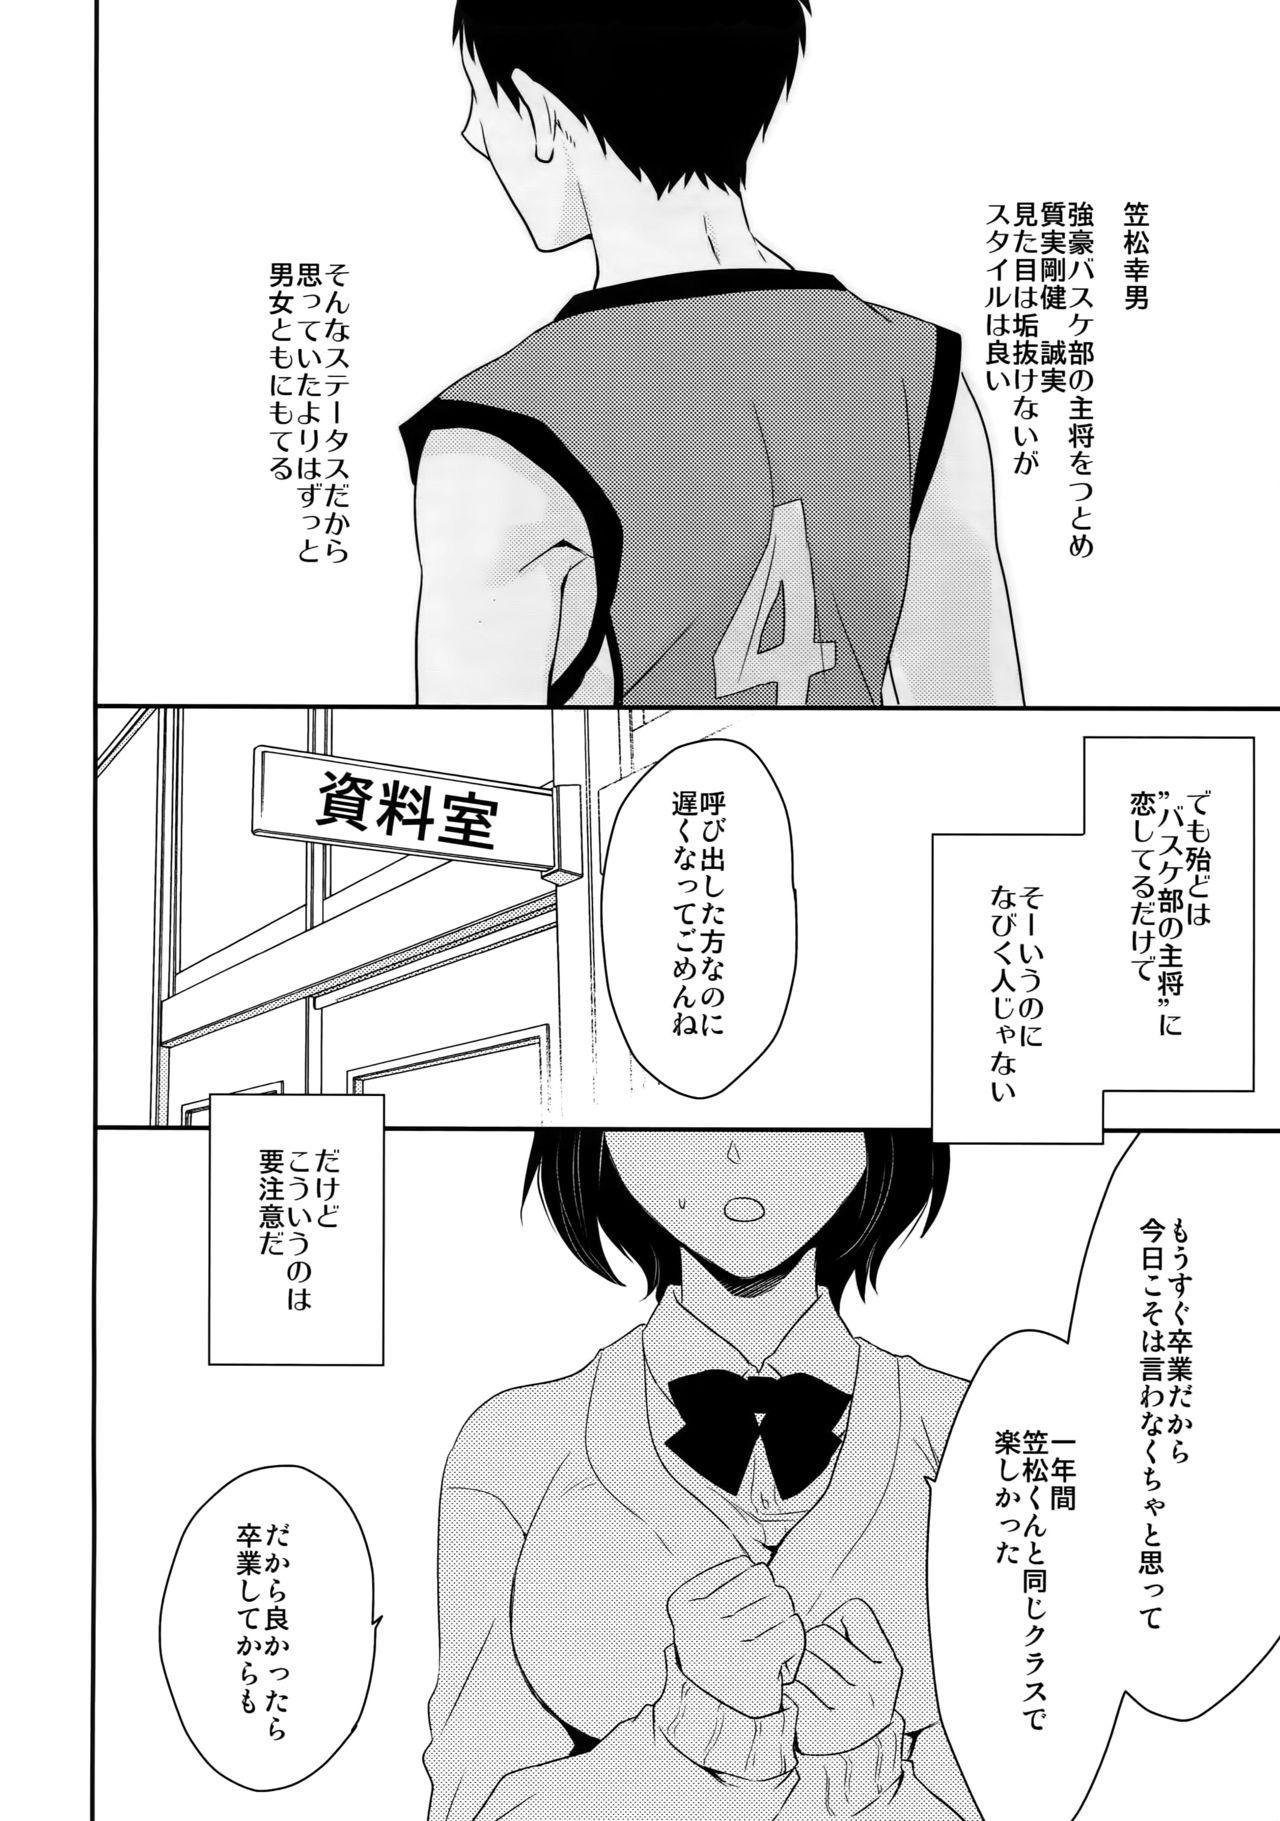 [Bakuchi Jinsei SP (Satsuki Fumi)] Kanpeki Kareshi to Zettai Ryouiki Ouji-sama - Another Version - (Kuroko no Basket) 72